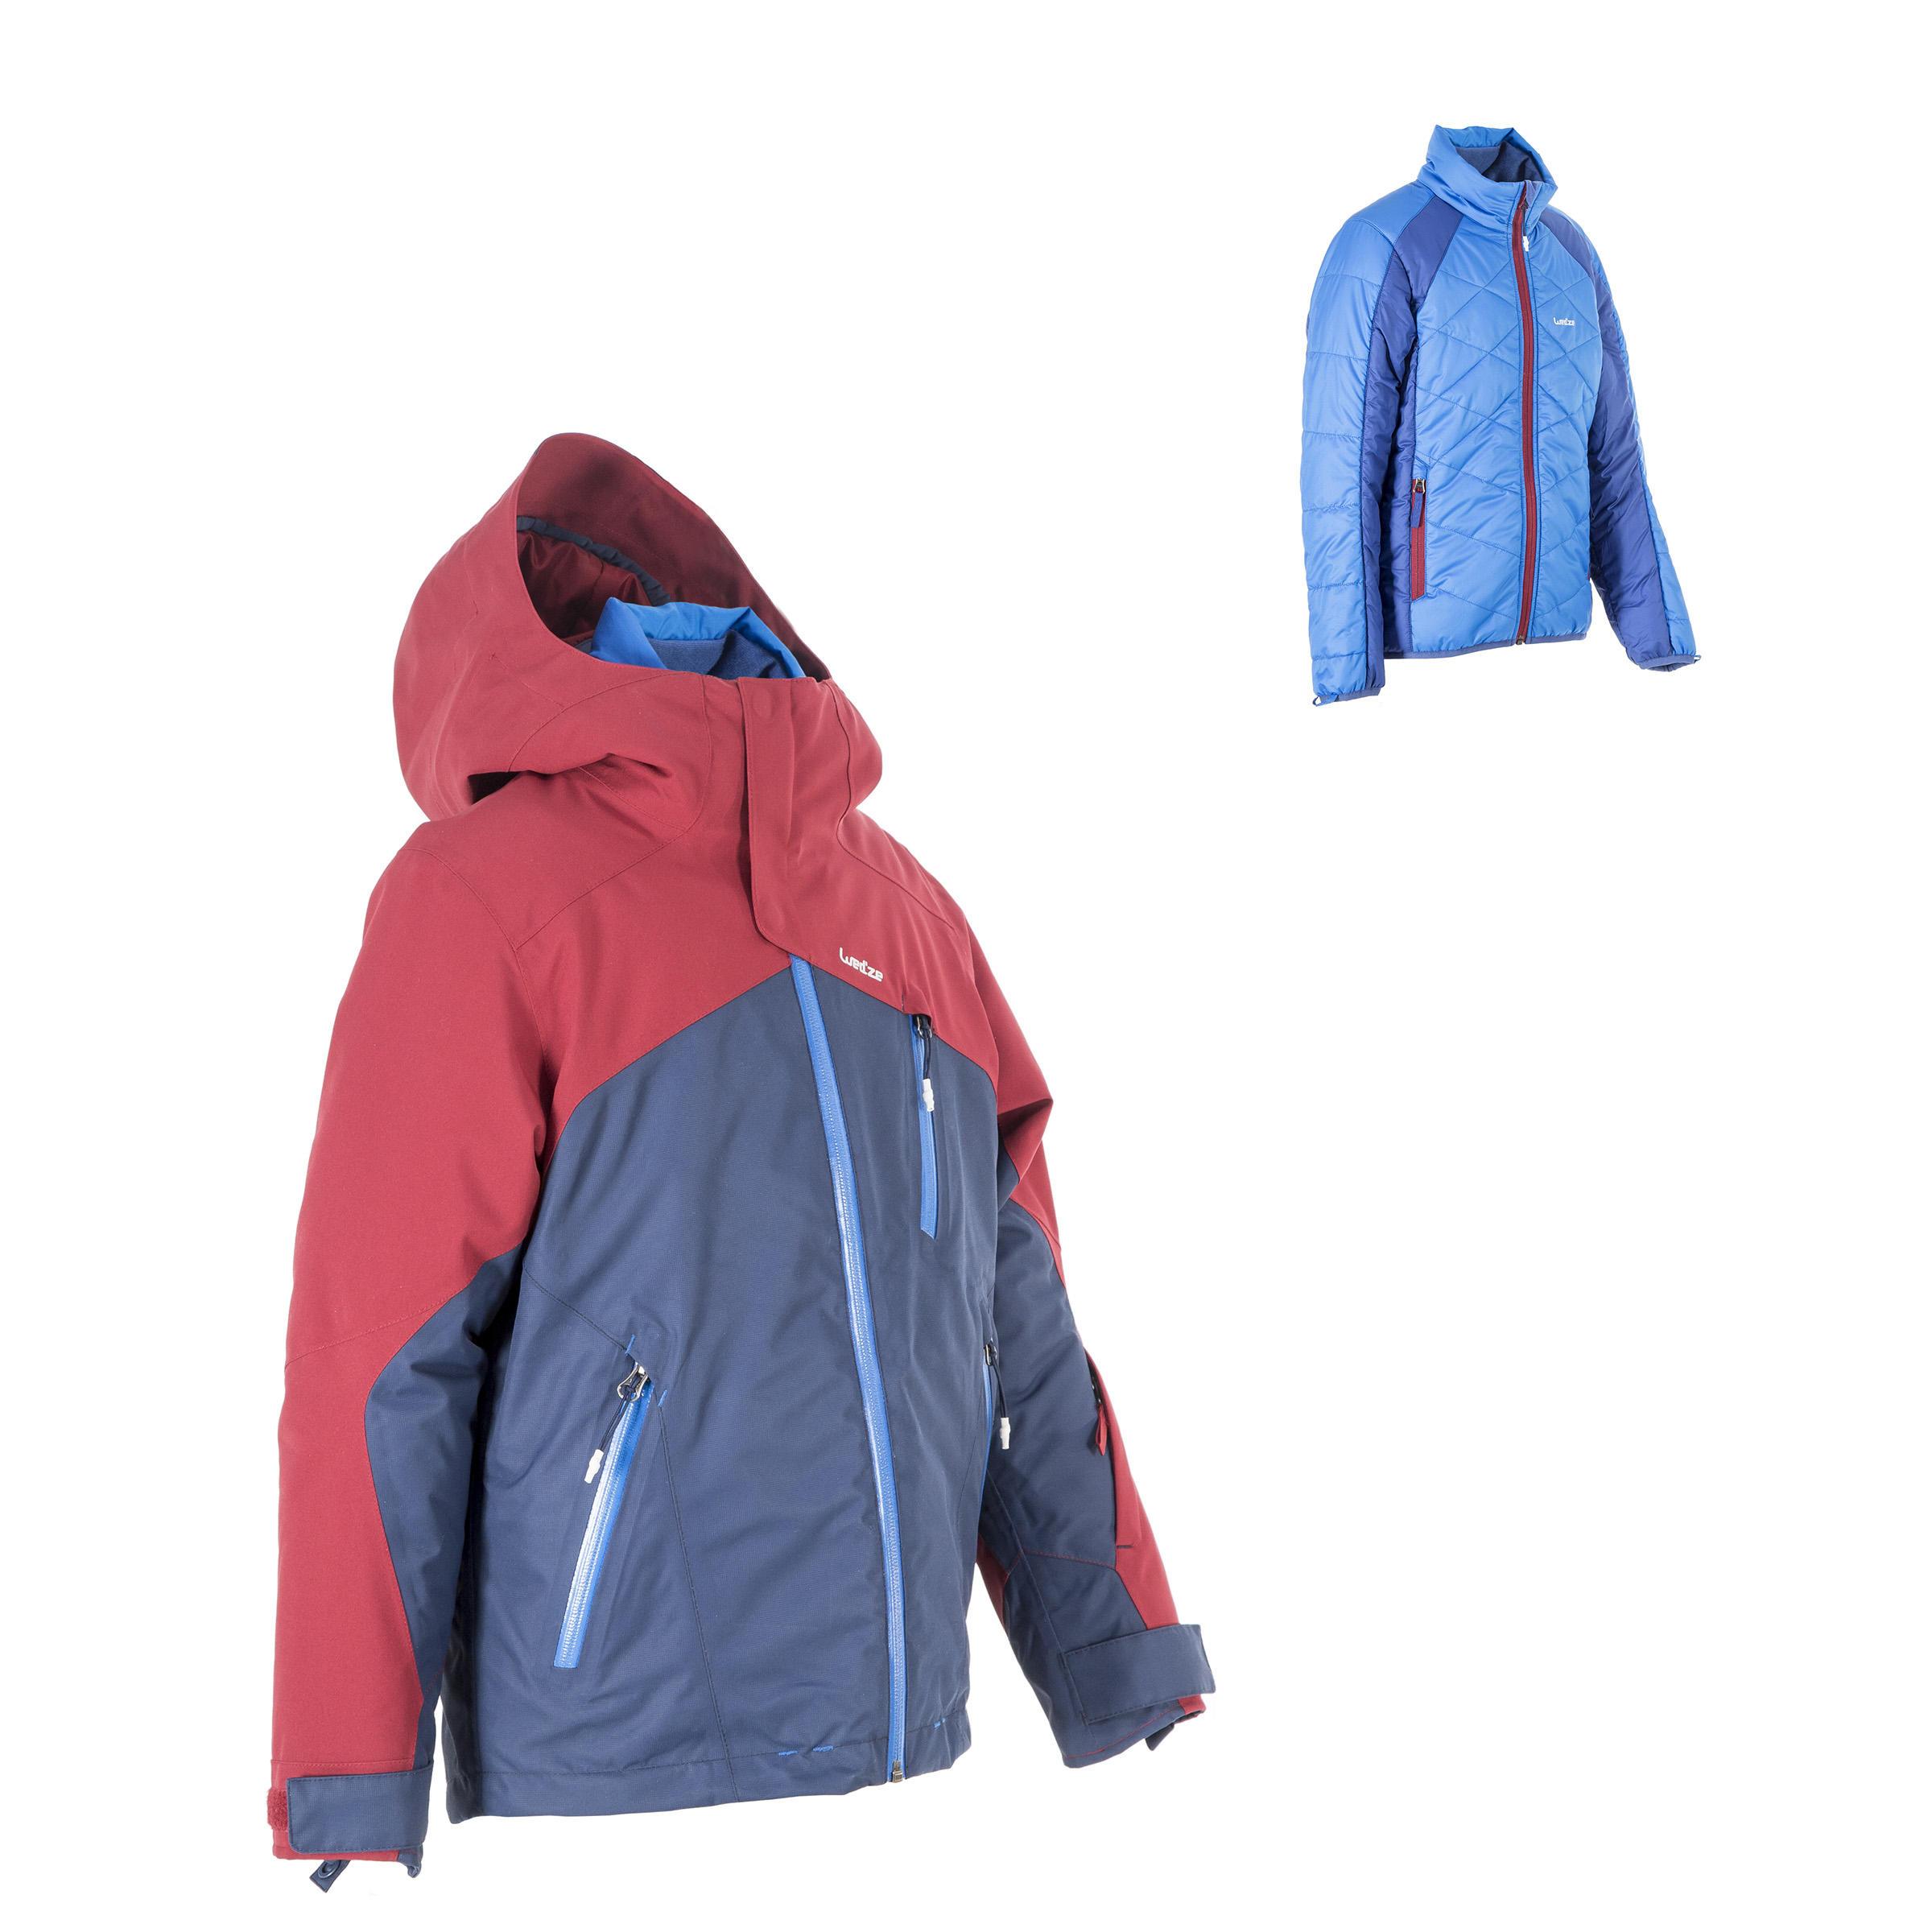 Manteau ski toute montagne enfant 990 bleue Bordeaux